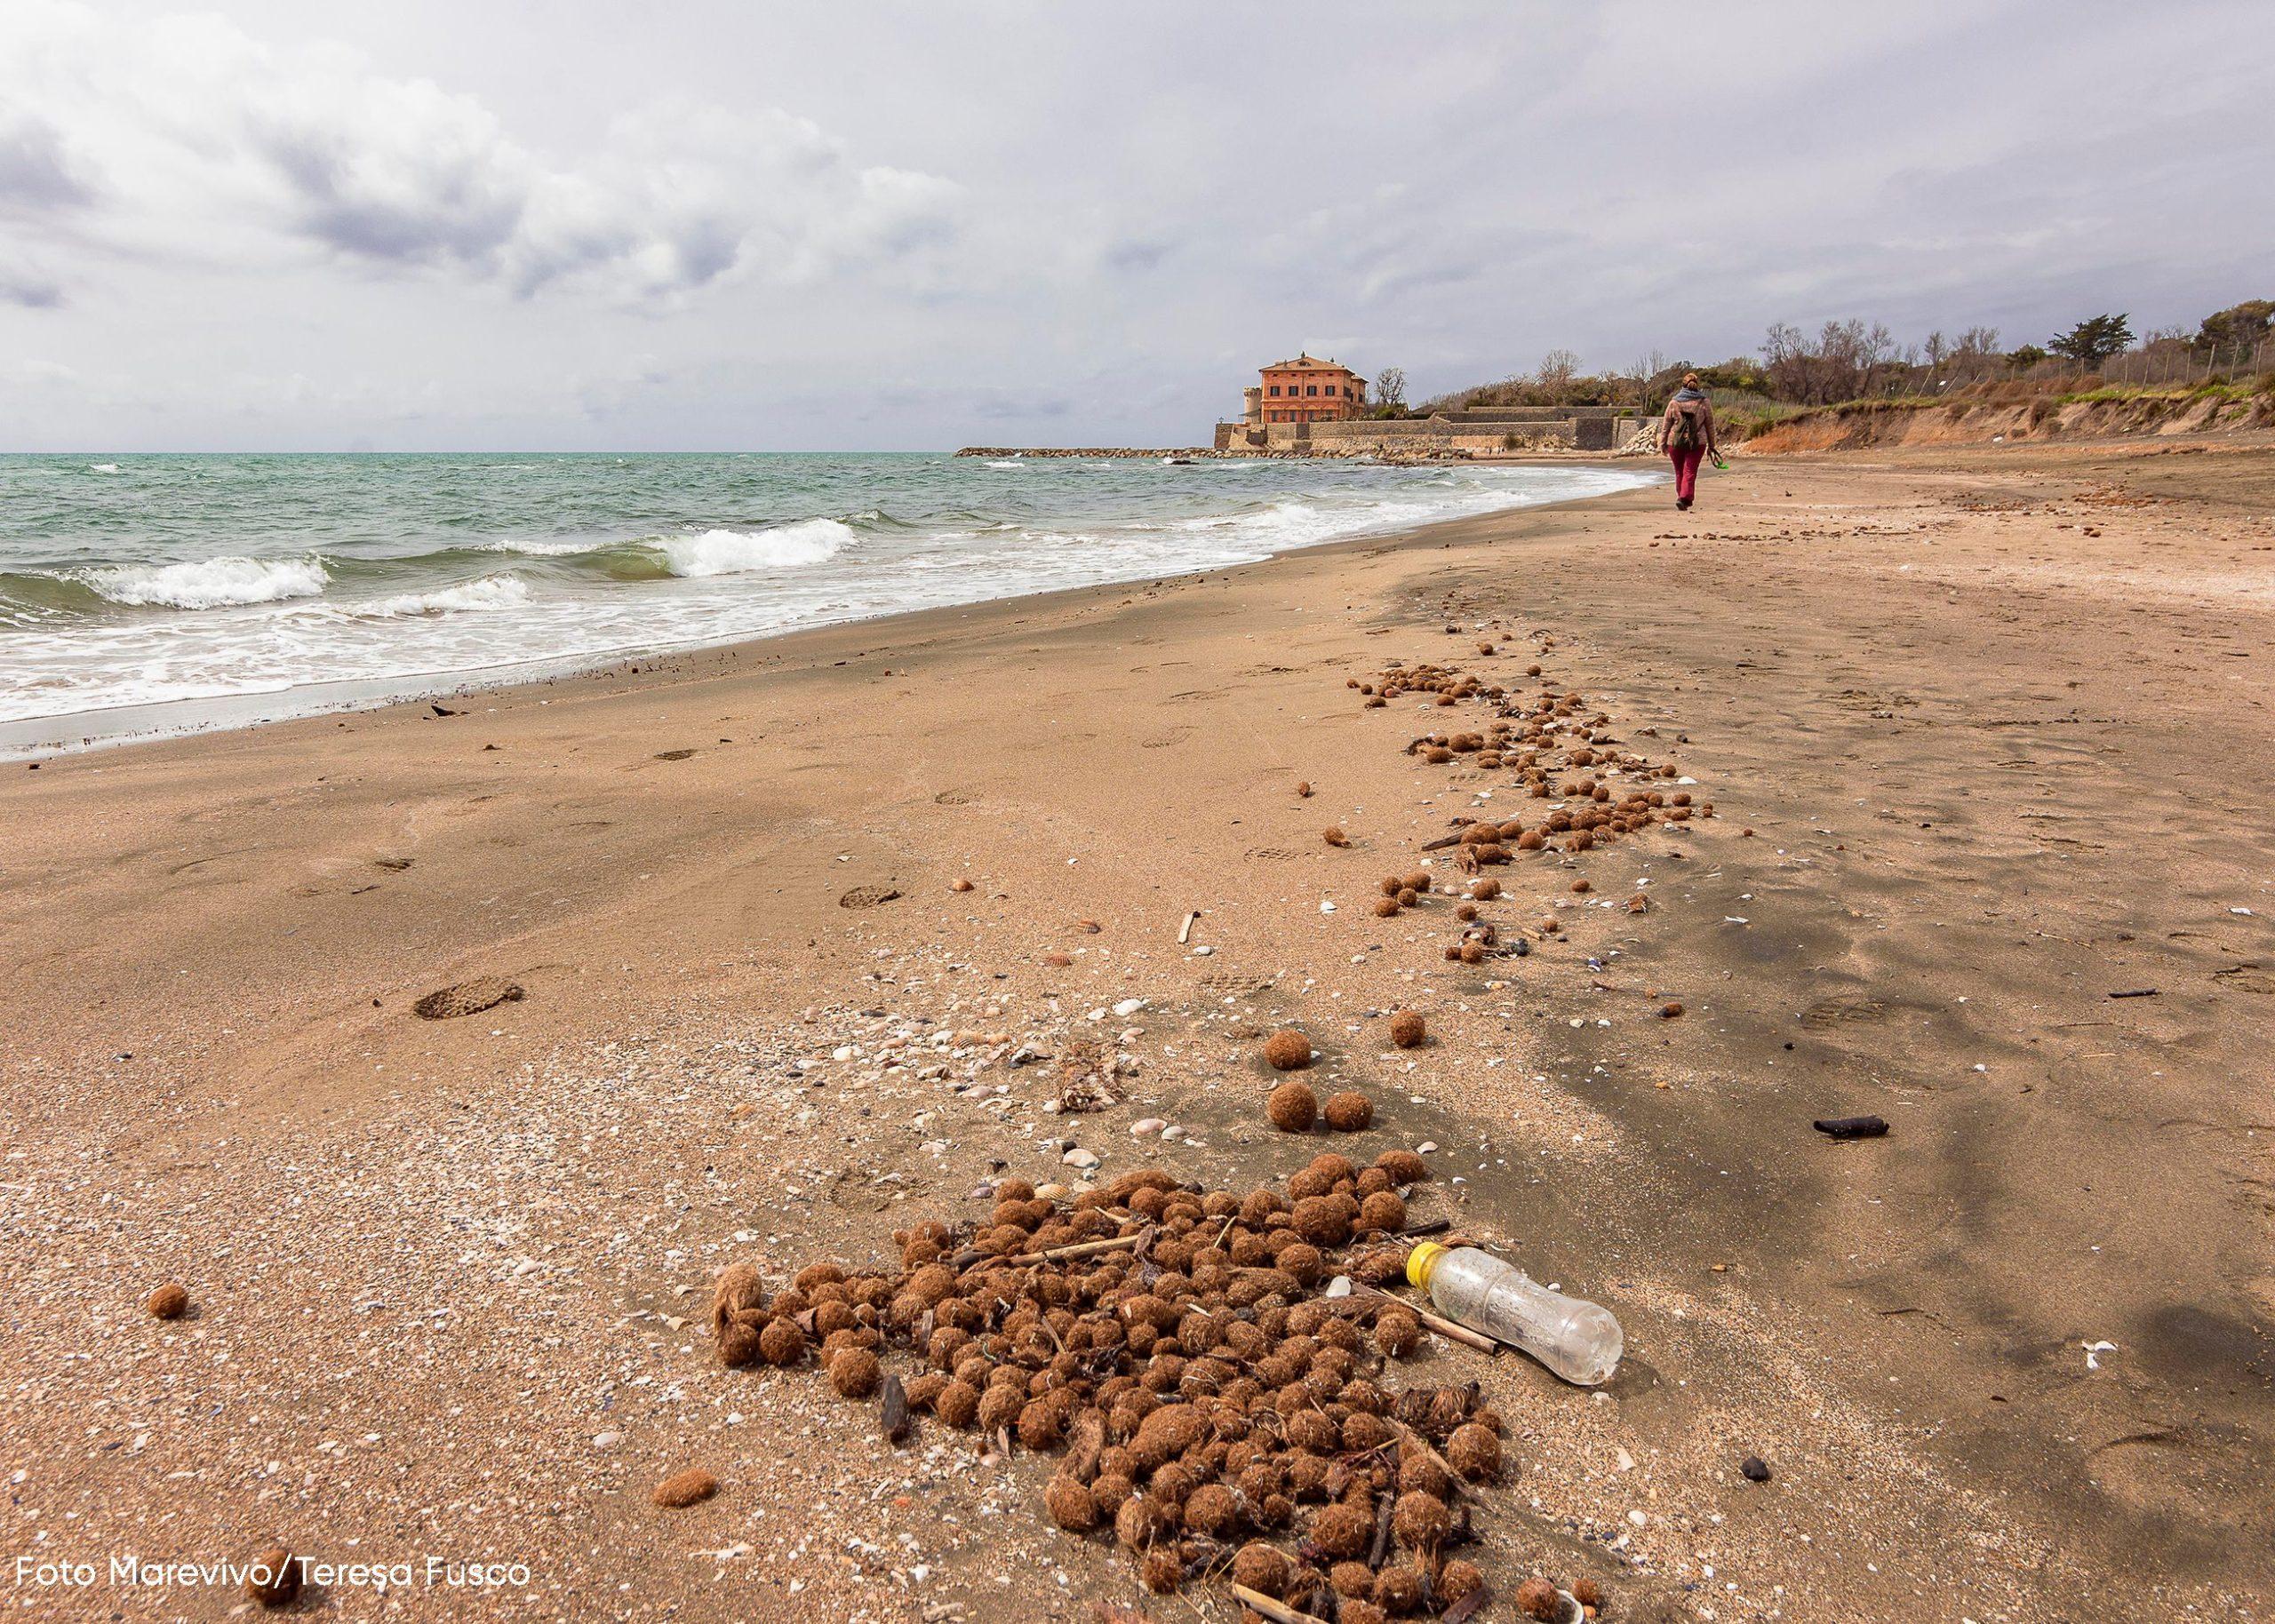 Marevivo e il Gruppo Pellicano Hotels insieme  per la tutela della spiaggia di Marina di San Nicola